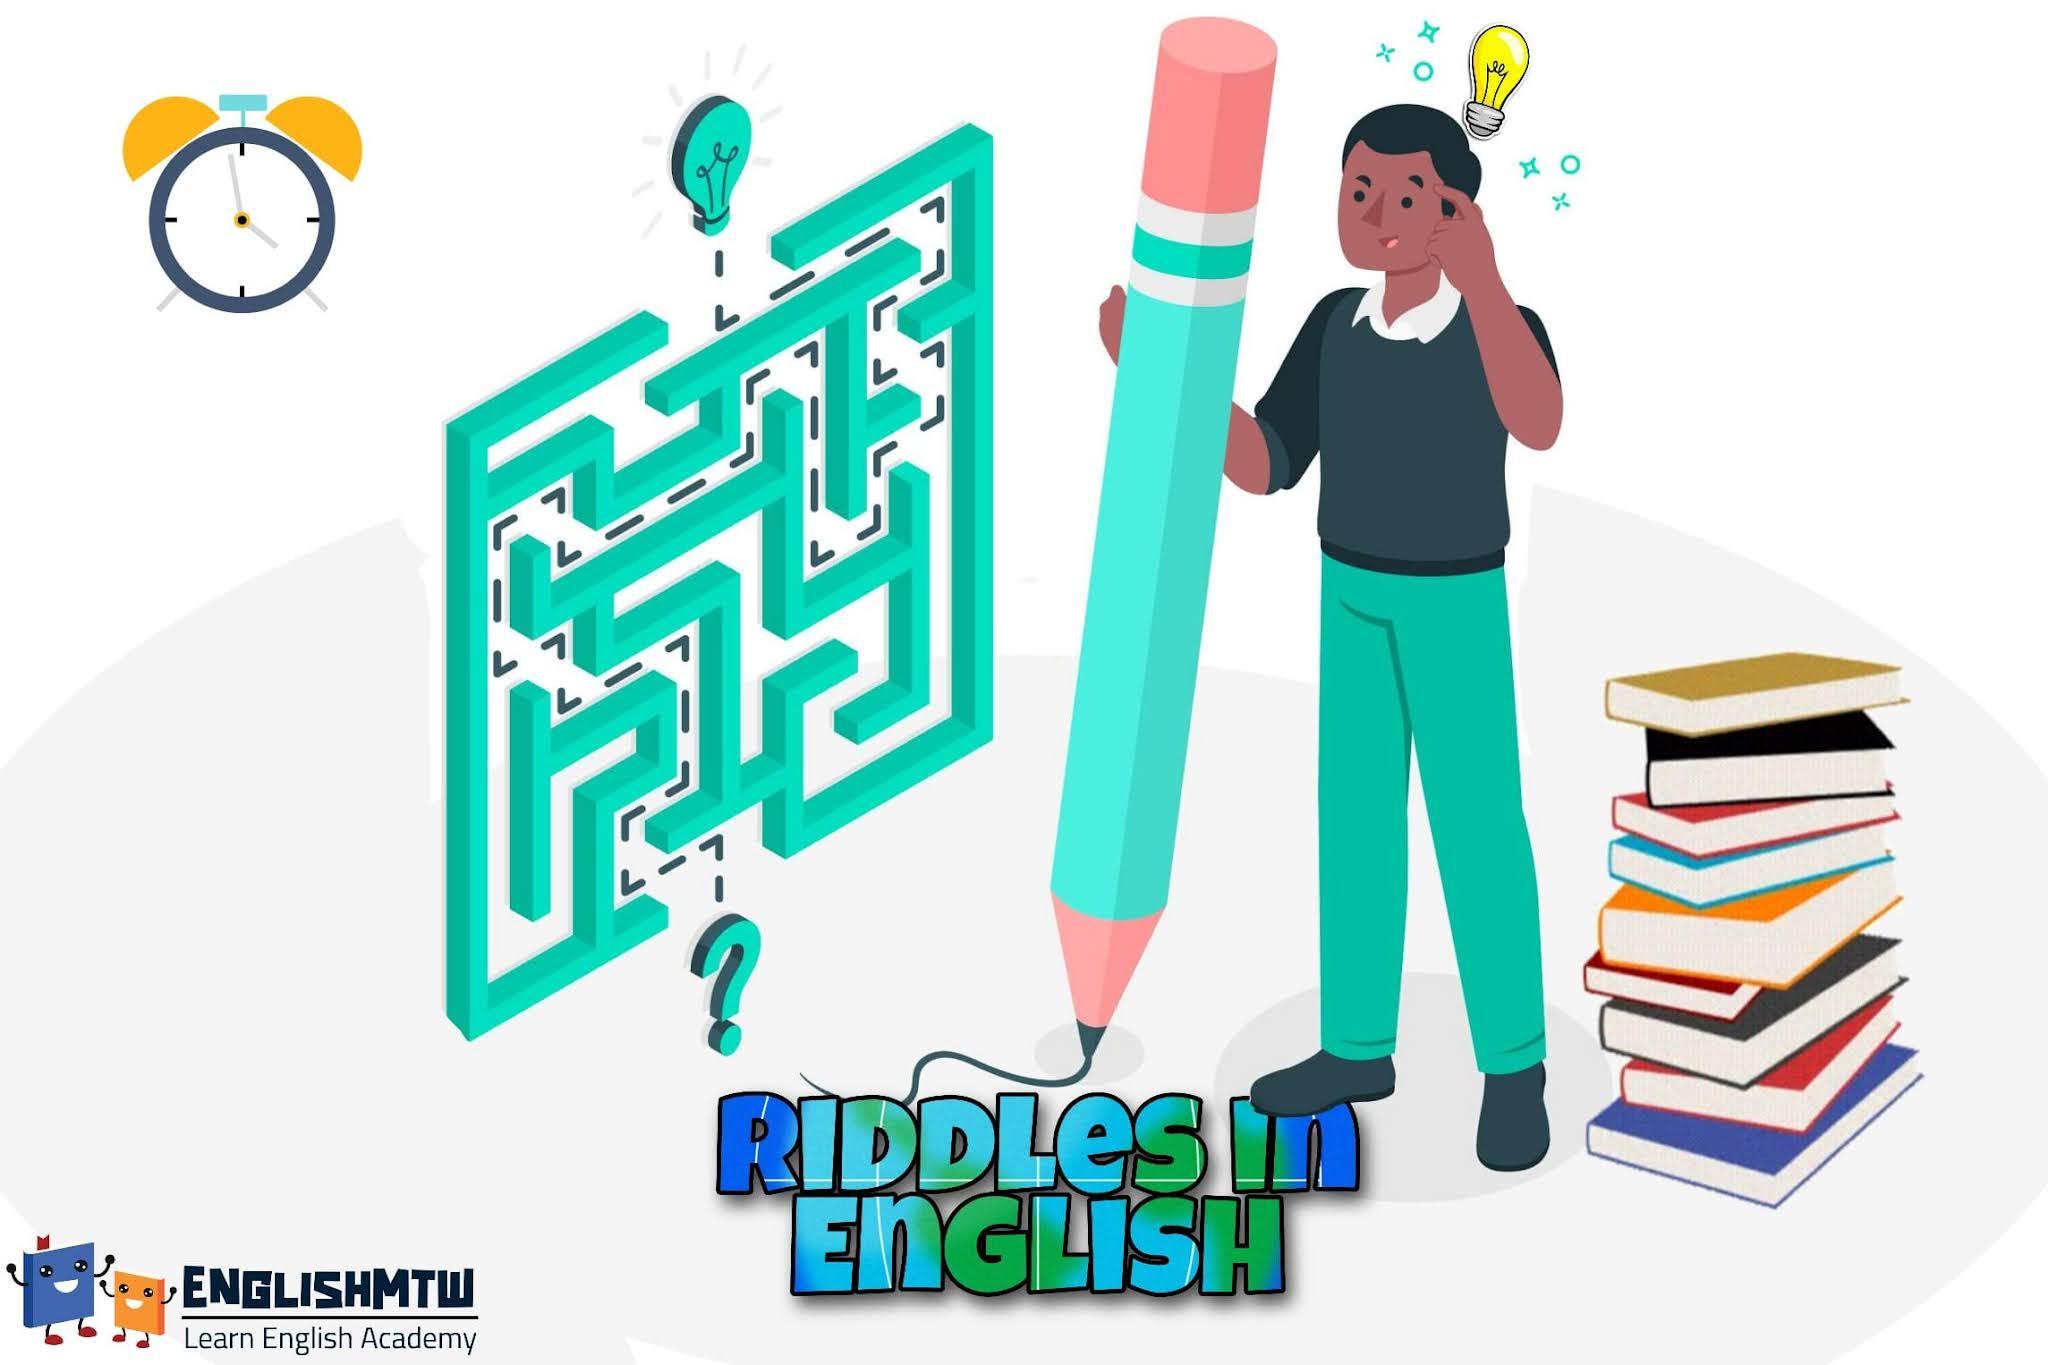 الغاز بالانجليزي : المفتاح السري لتحسين مهاراتك في اللغة الإنجليزية